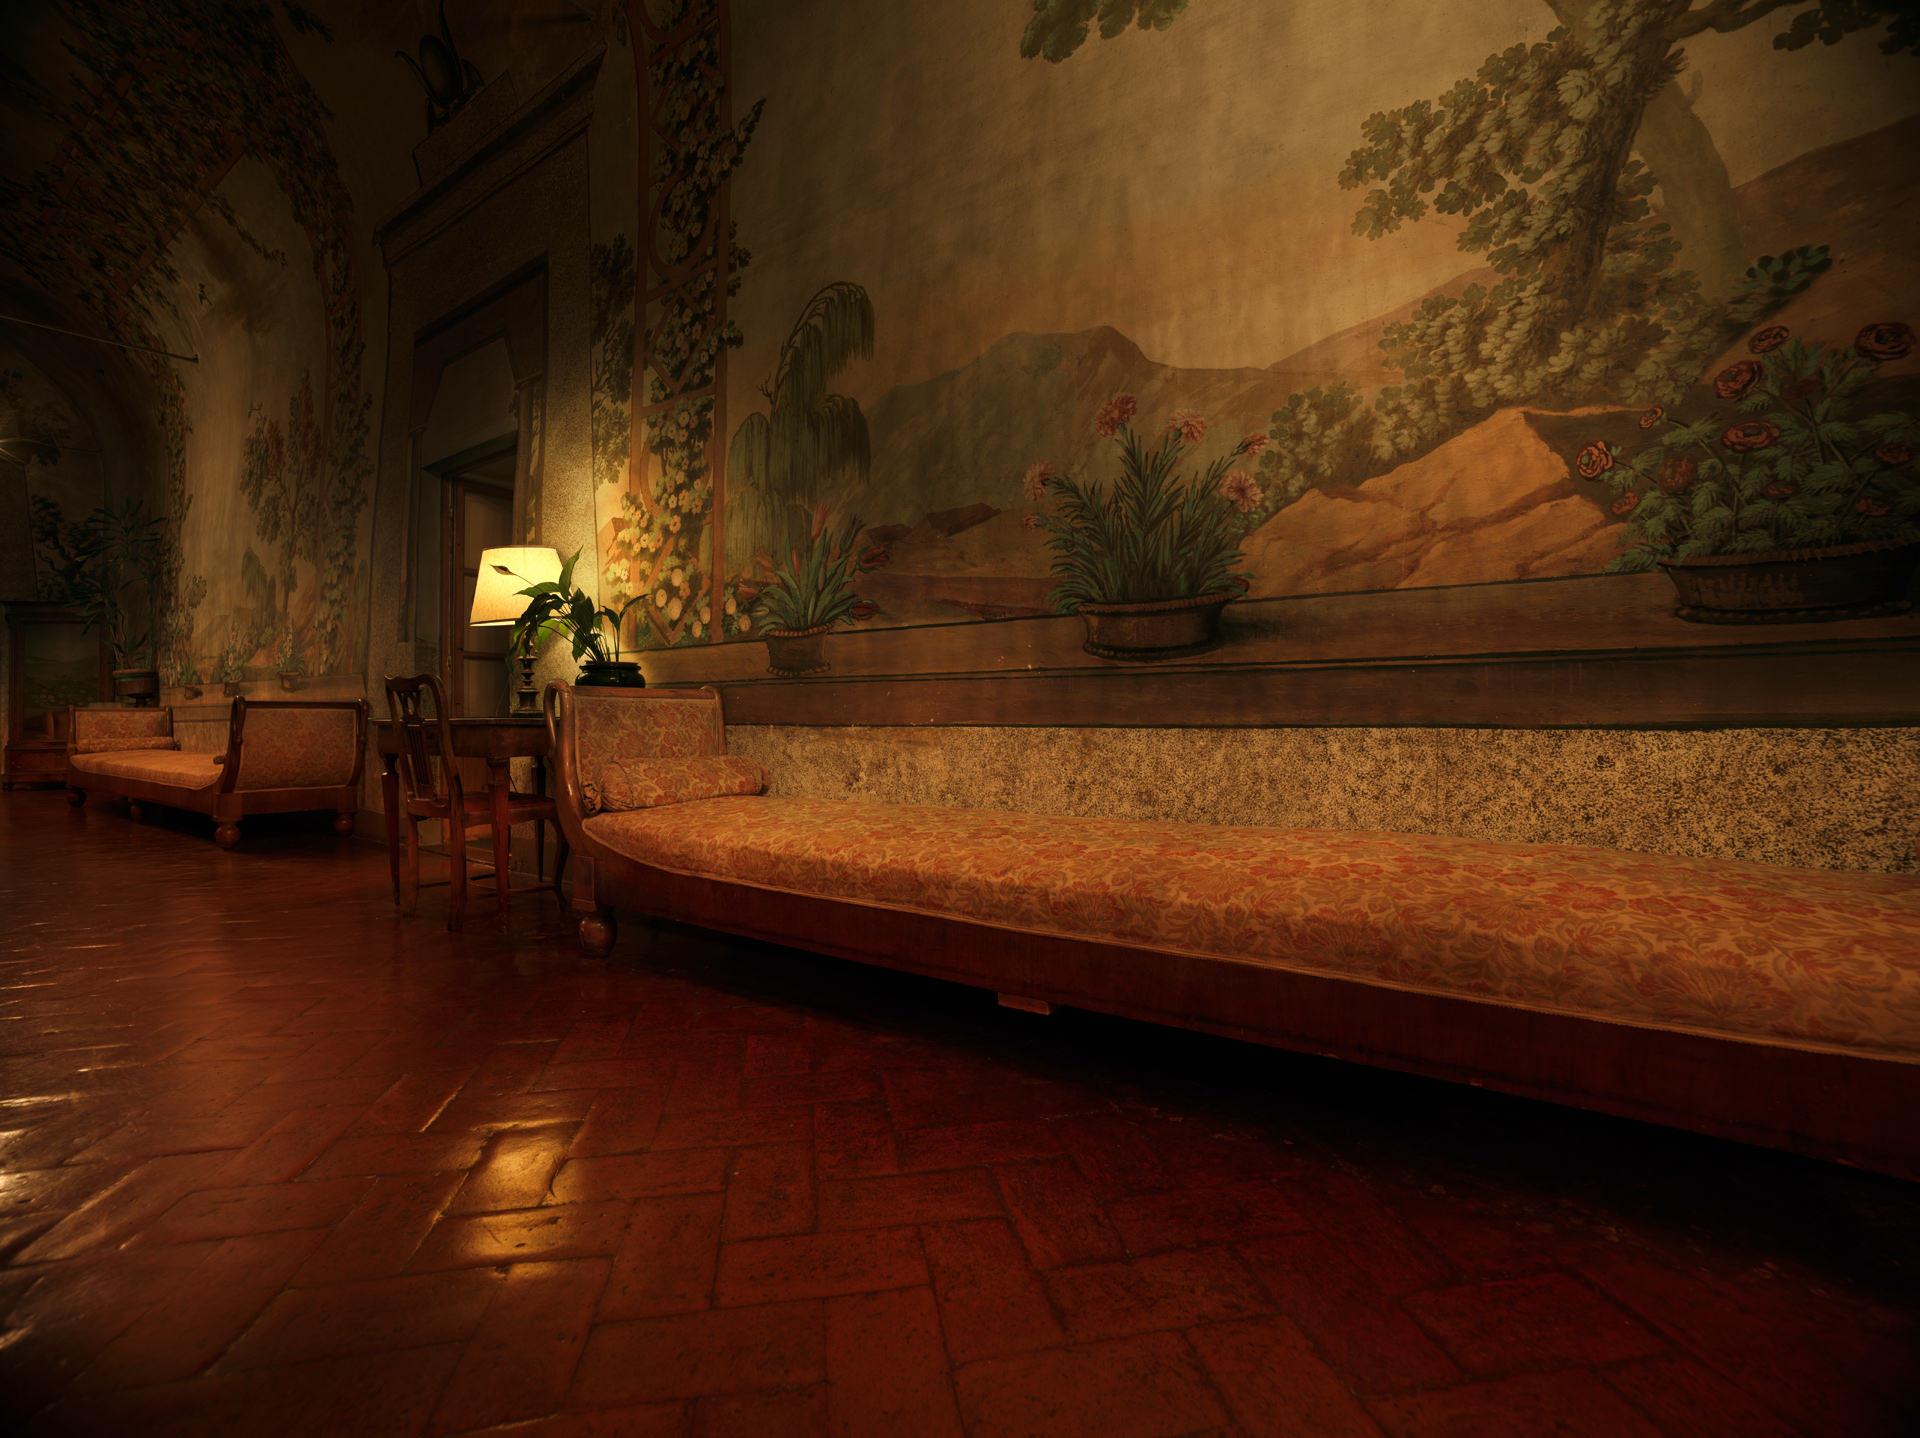 ©ankeluckmann1342,Villa Villoresi Hotel, Architecture, Interior, Italy, anke luckmann, interior